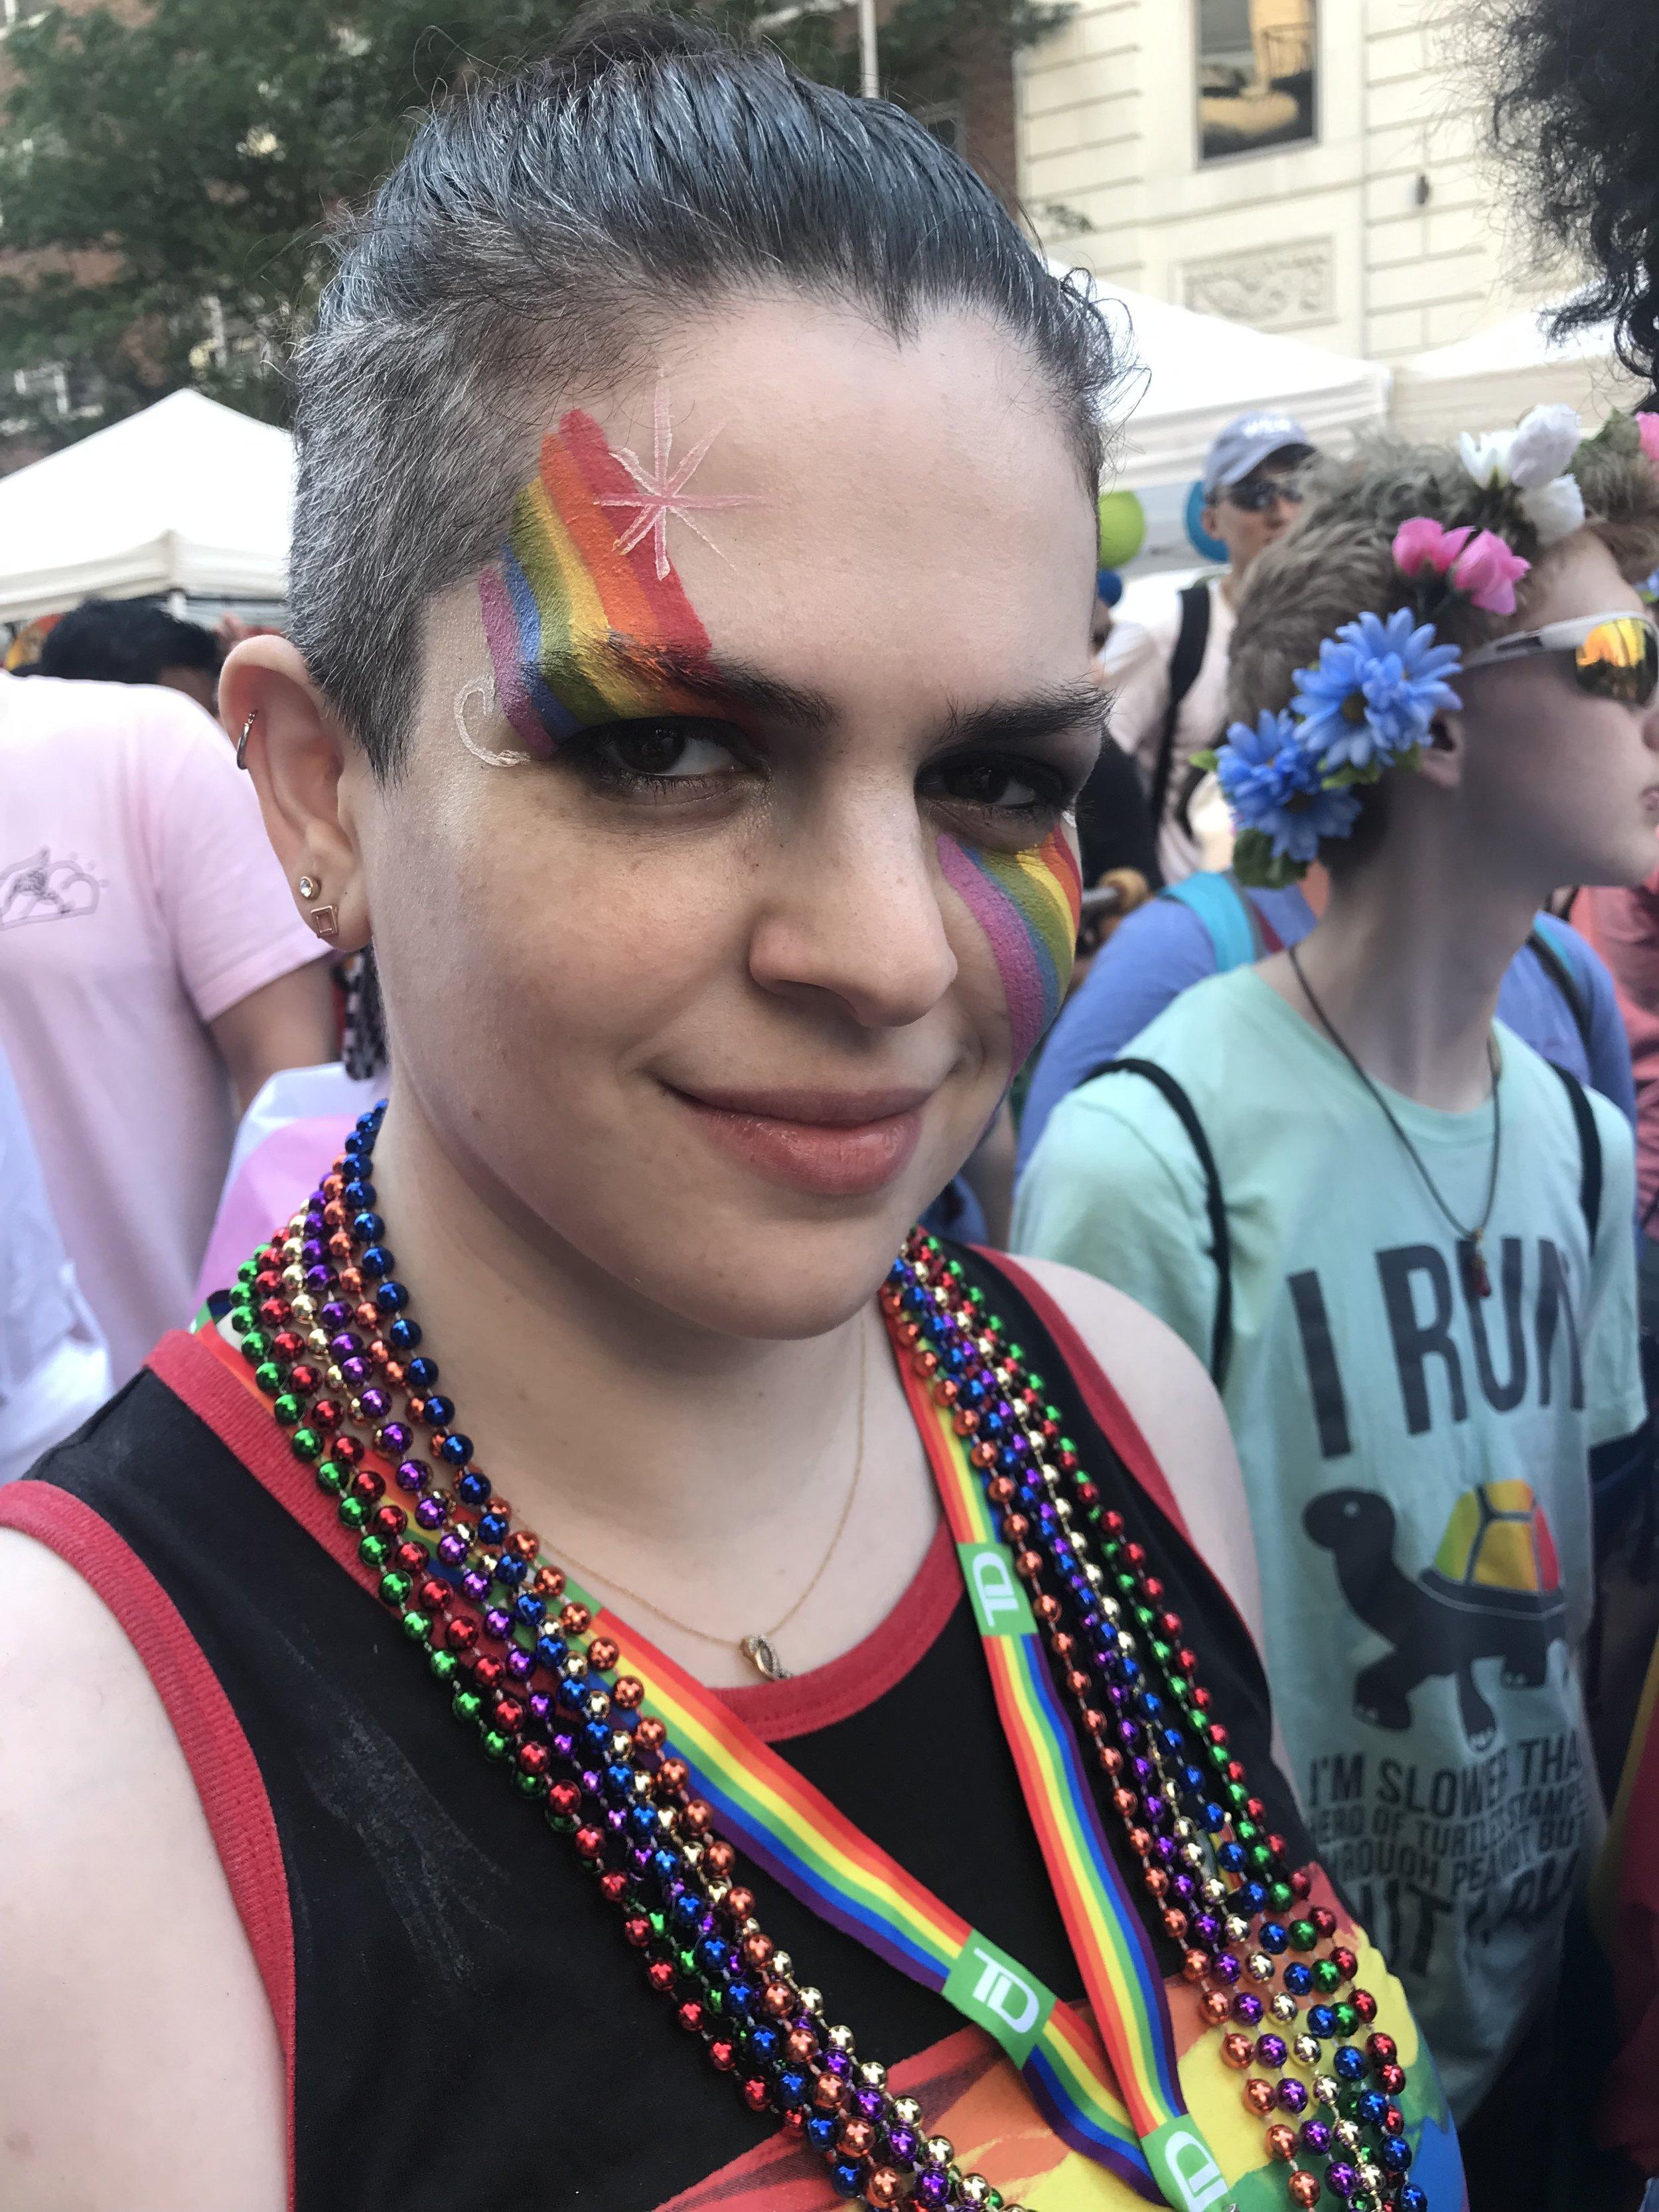 Caroline Kaplan at NYC World Pride in Manhattan — June 30, 2019